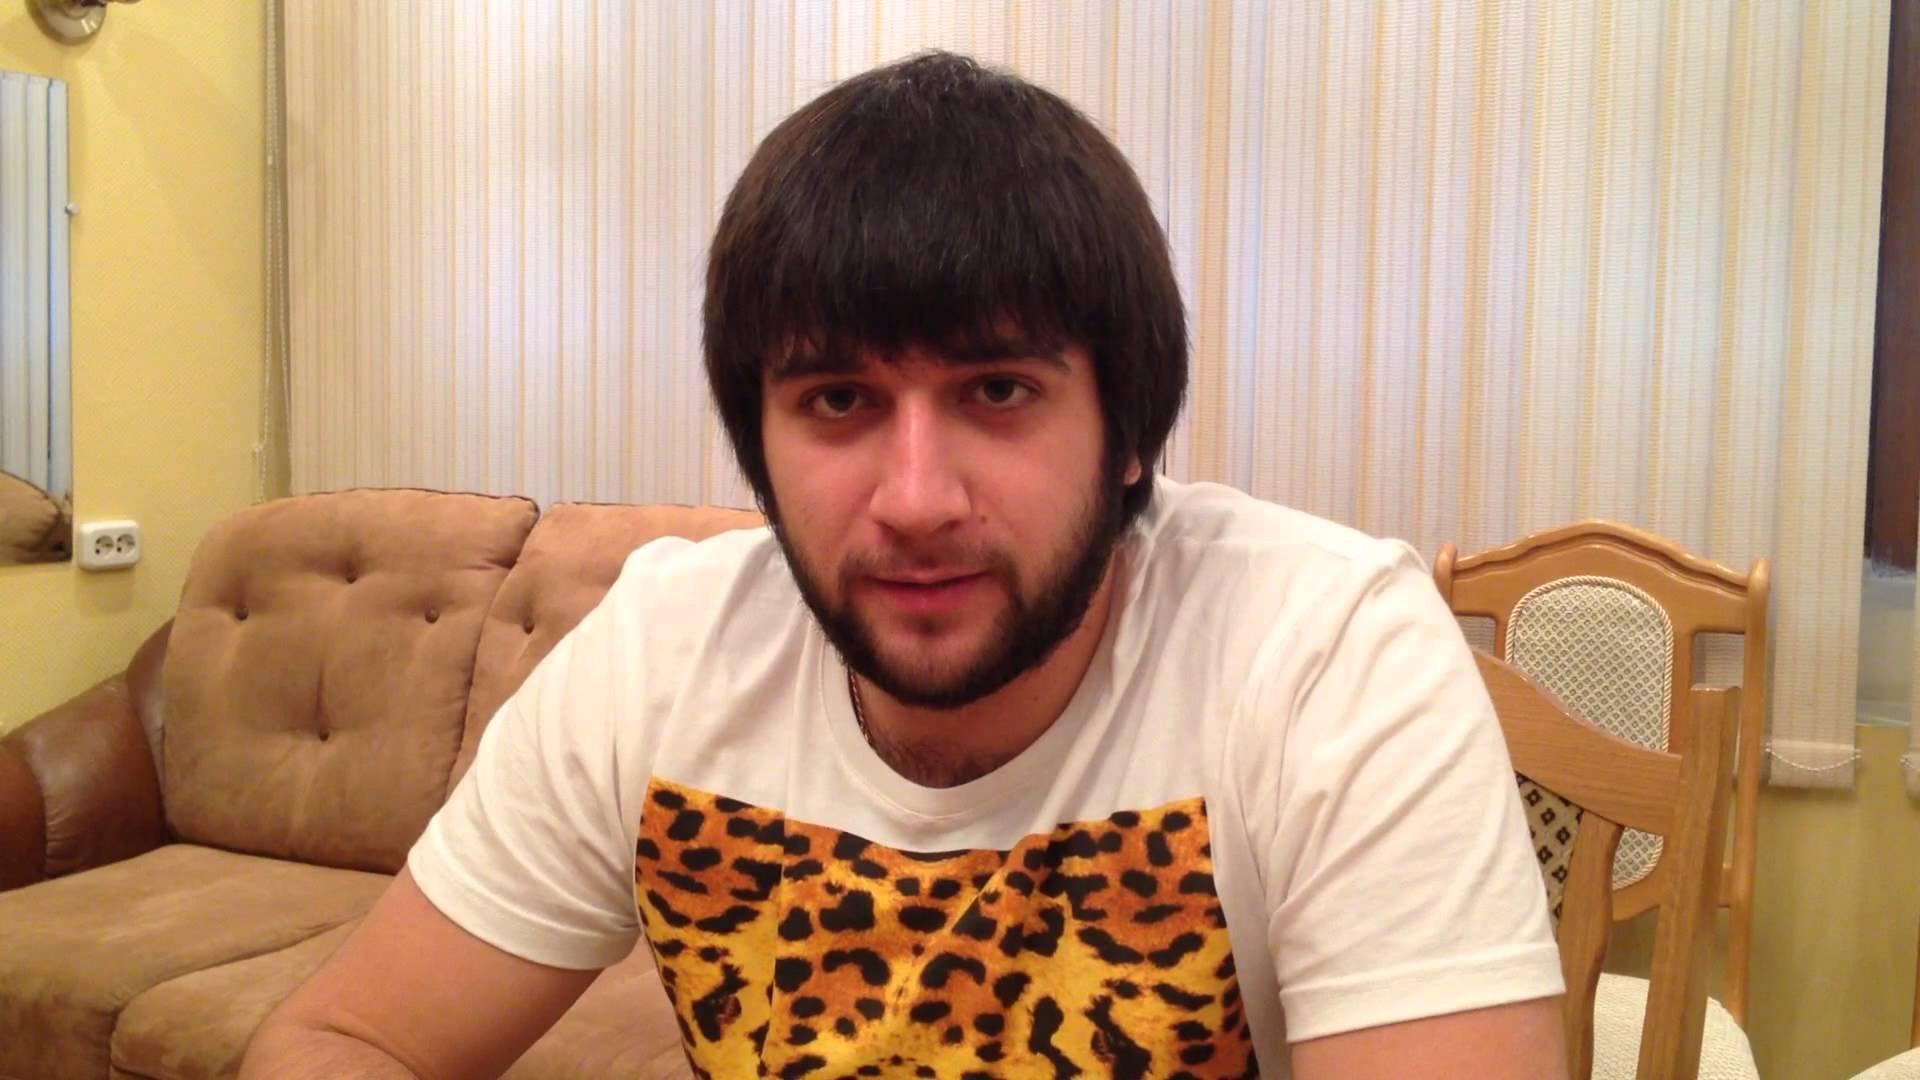 Смотреть видео онлайн эльбрус джанмирзаев все песни фото 169-757